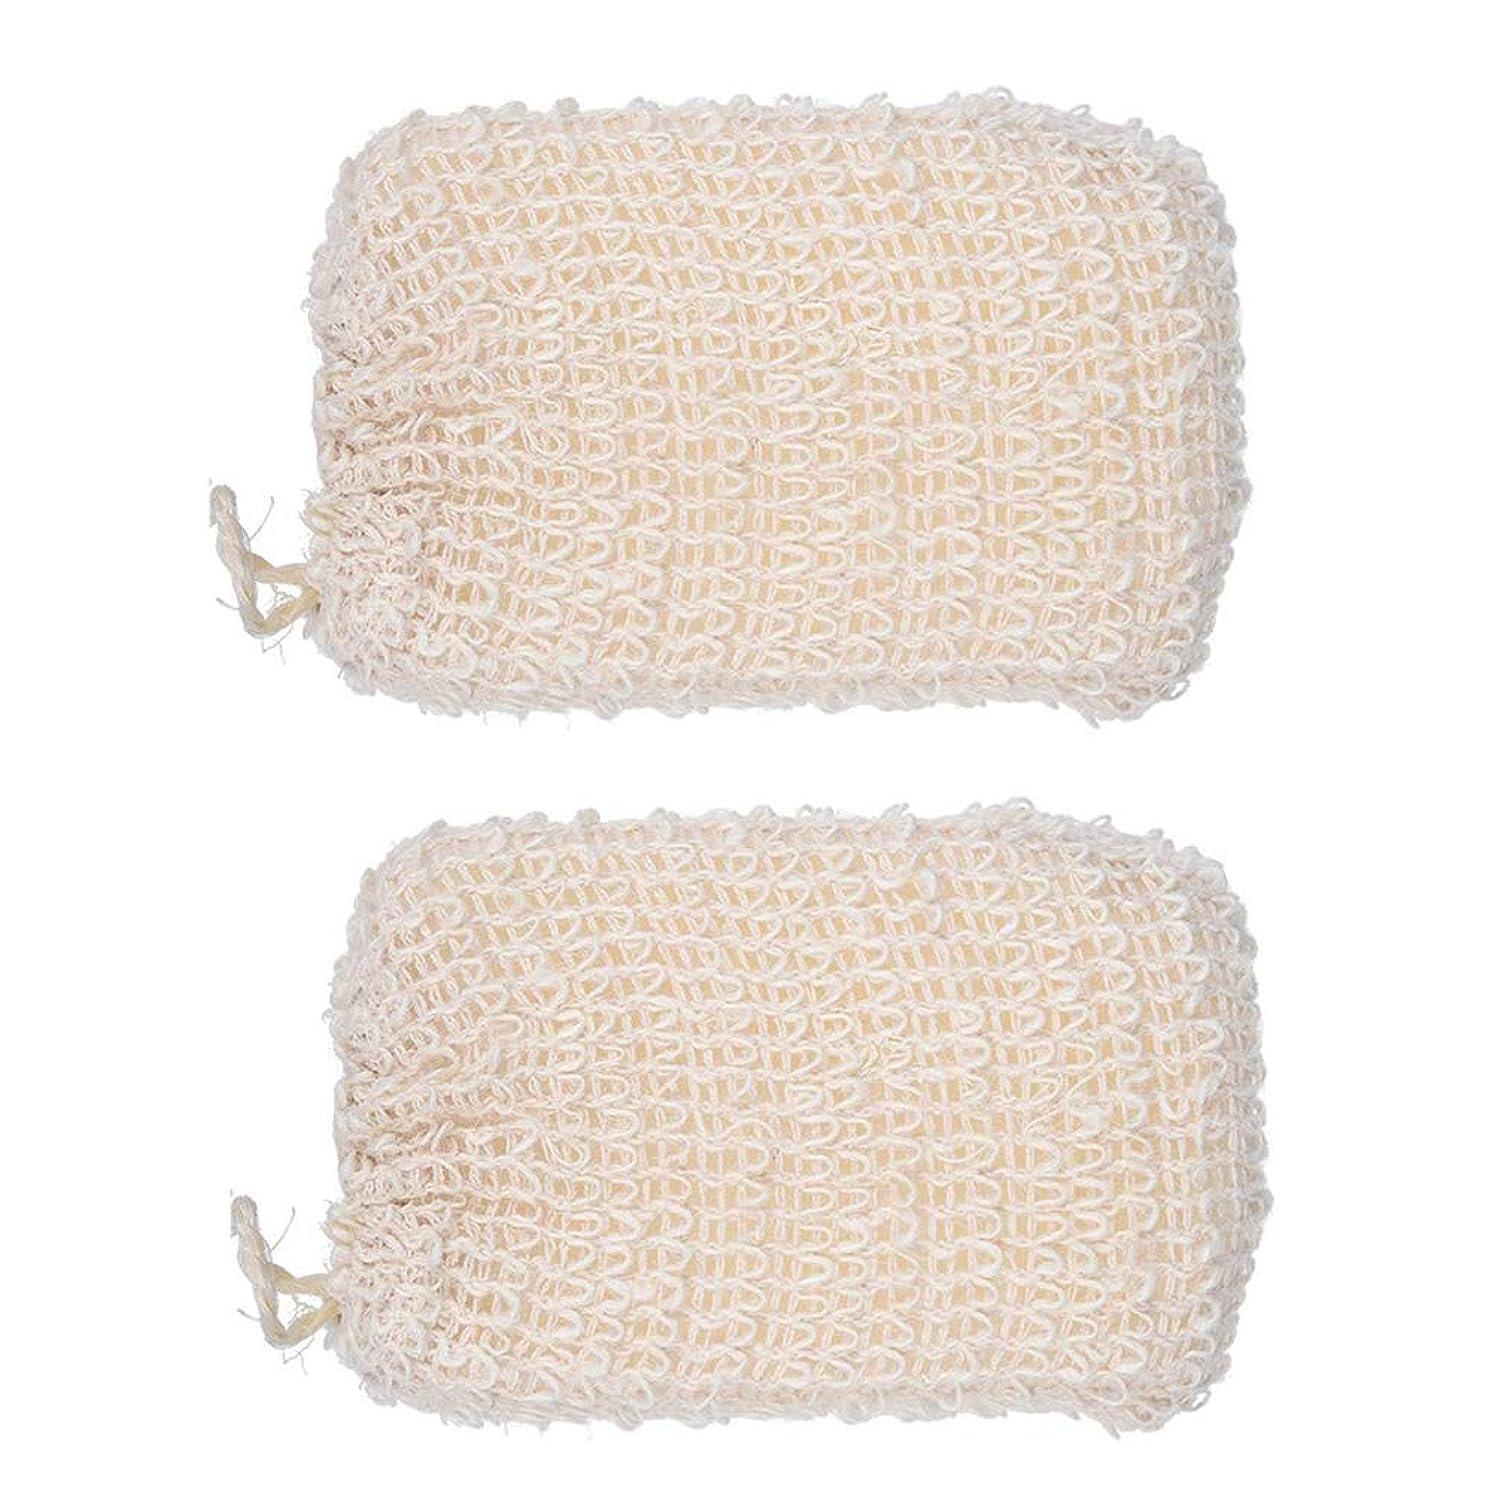 貼り直す連合豚肉Beaupretty 2ピース風呂スポンジ植物綿とリネン風呂ブラシ柔らかい風呂スポンジスクラバー用女性赤ちゃん子供(ベージュ)